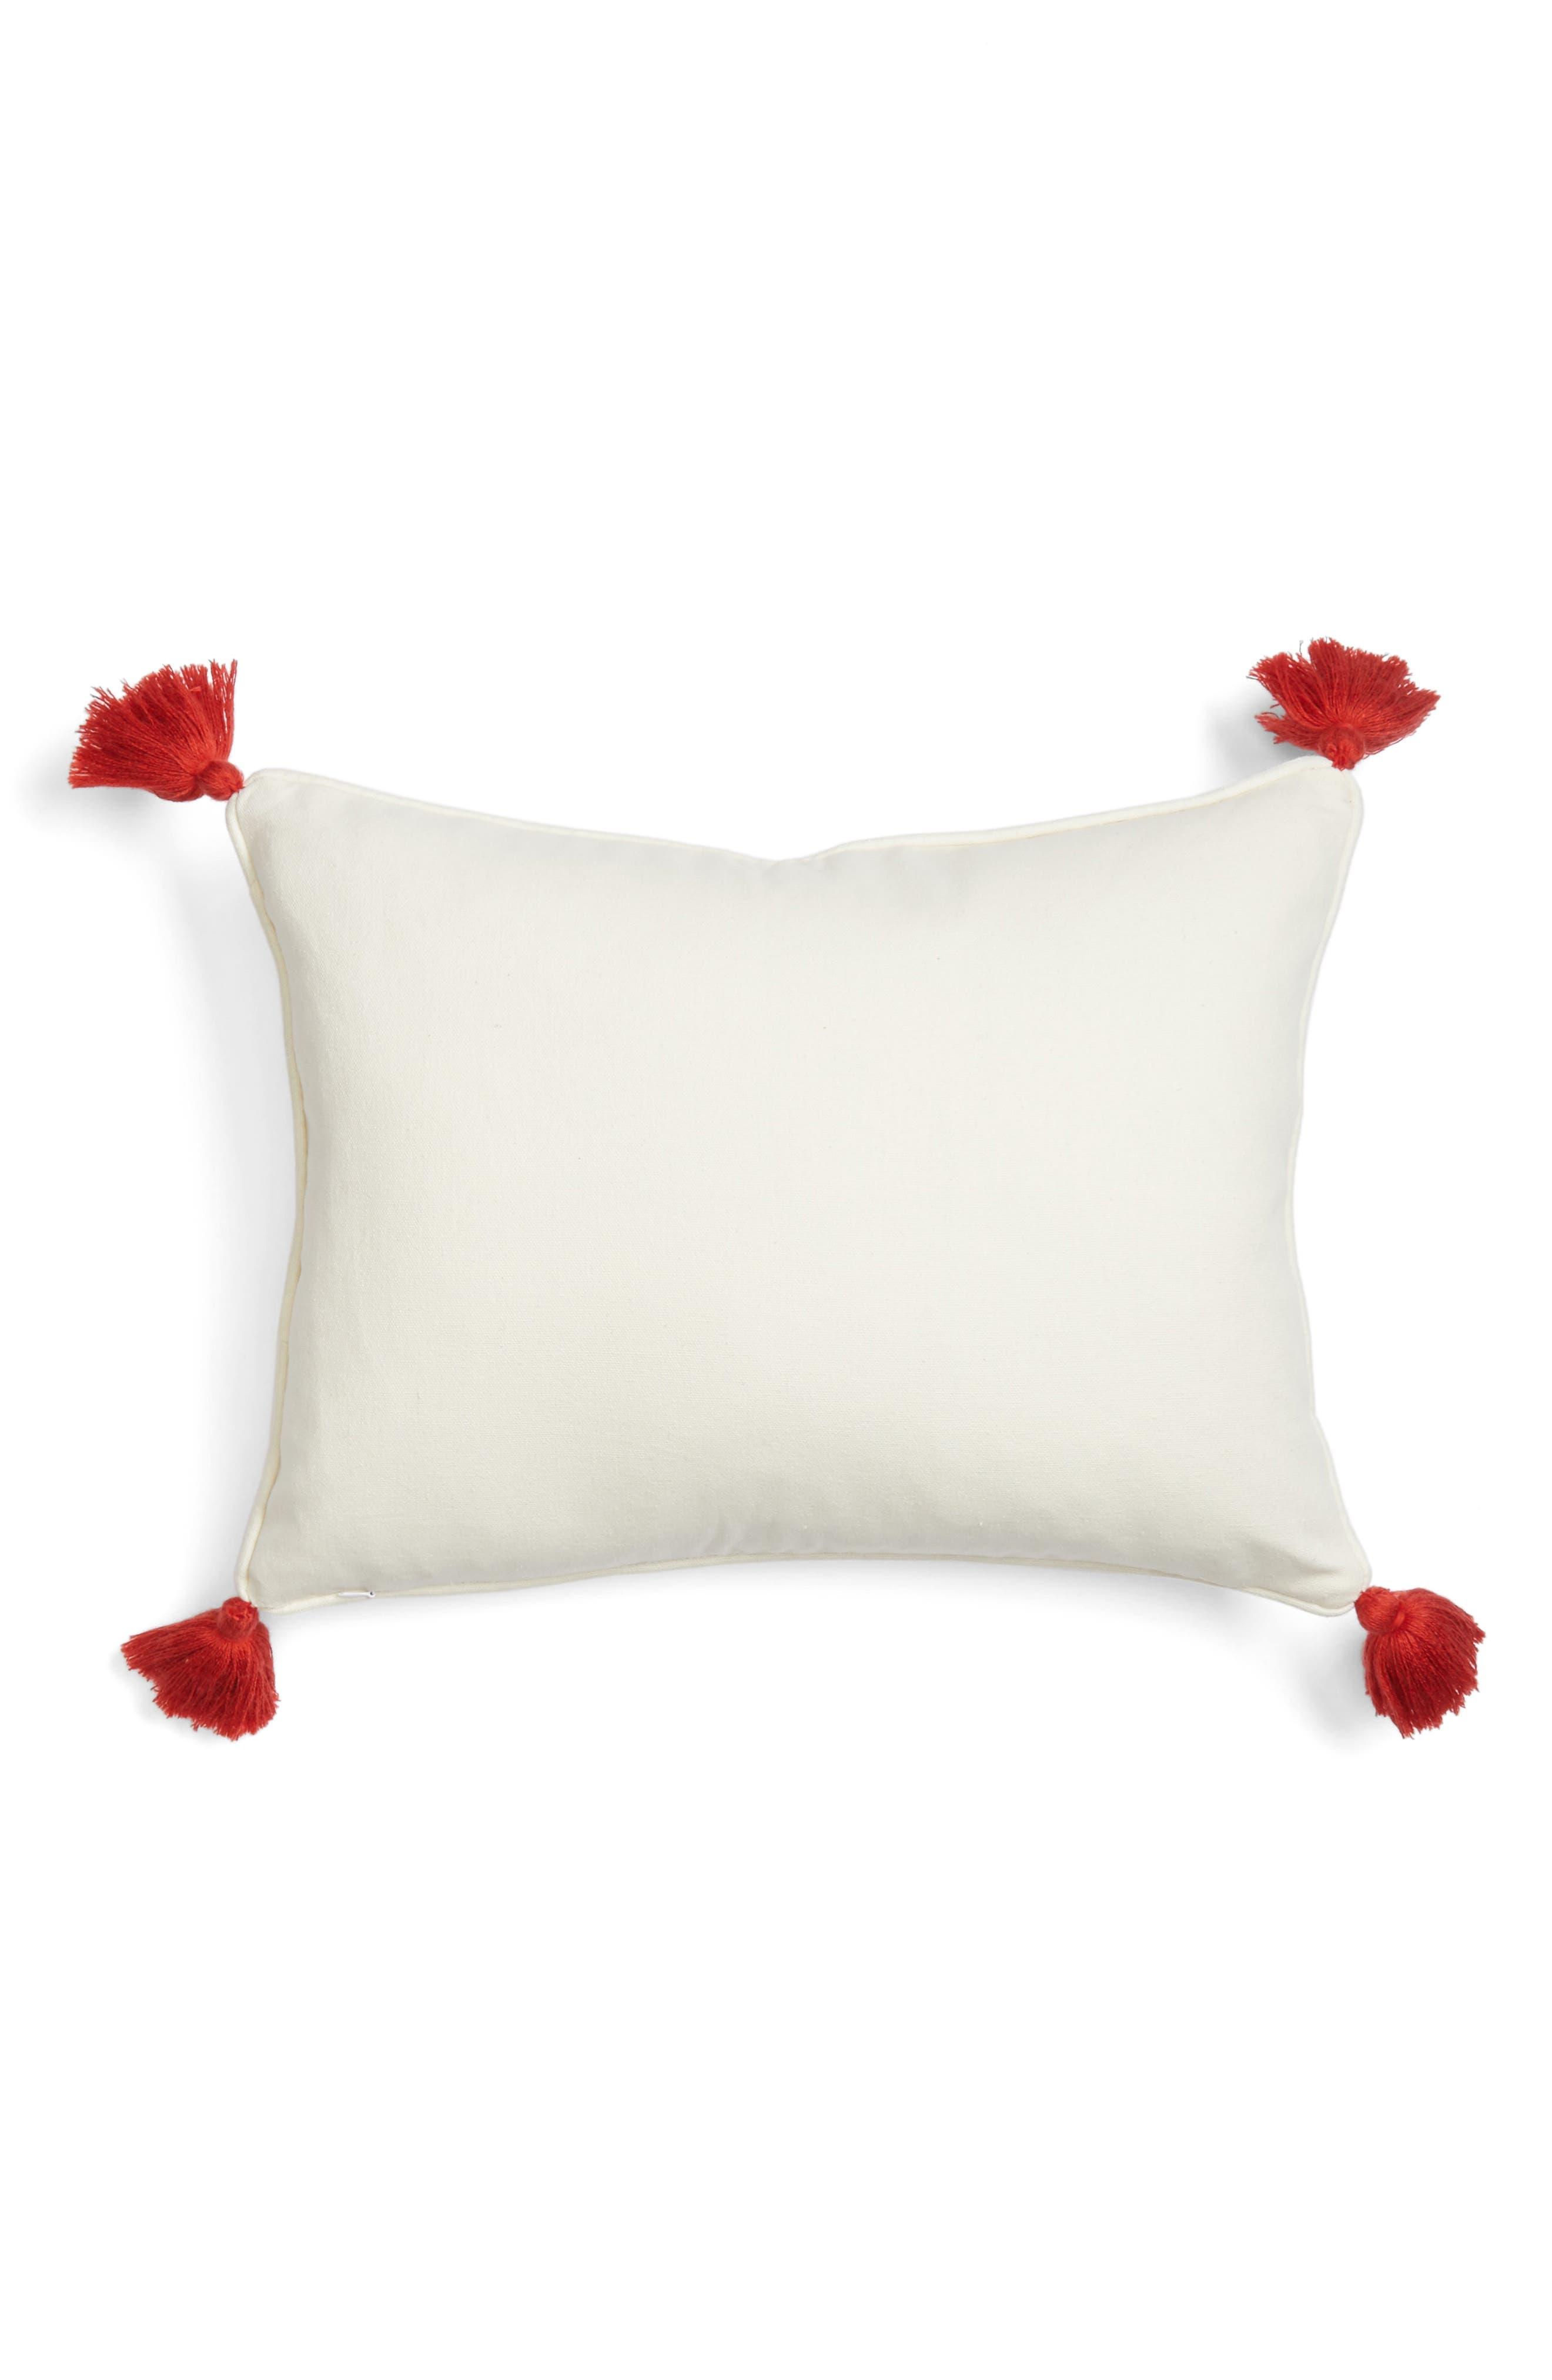 Piper Tassel Pillow,                             Alternate thumbnail 2, color,                             Red/ Multi